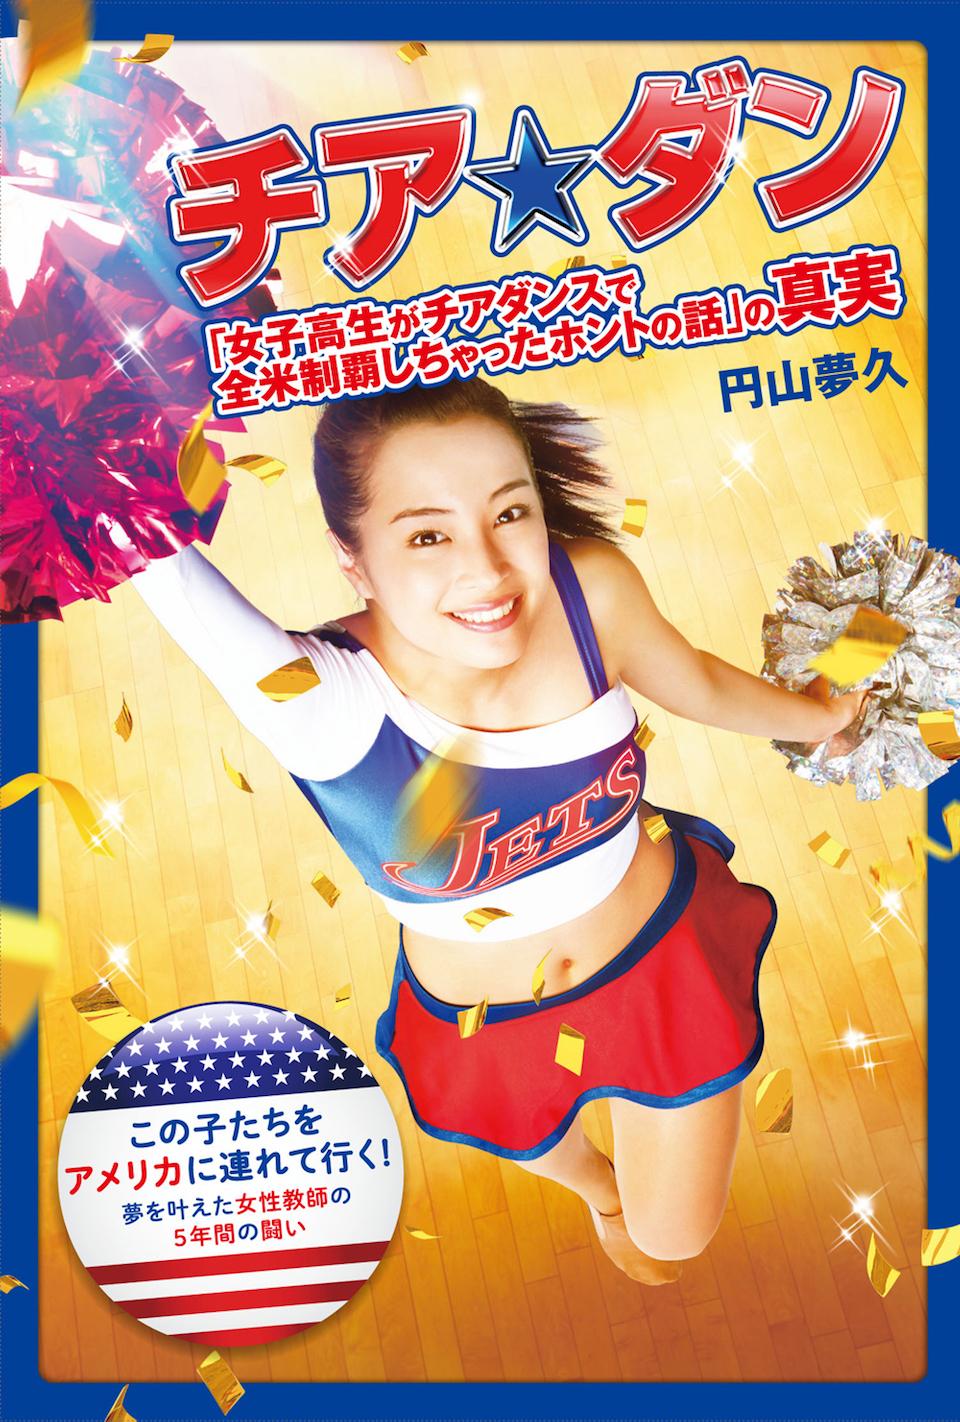 広瀬すず チア☆ダン 「女子高生がチアダンスで全米制覇しちゃったホントの話」の真実